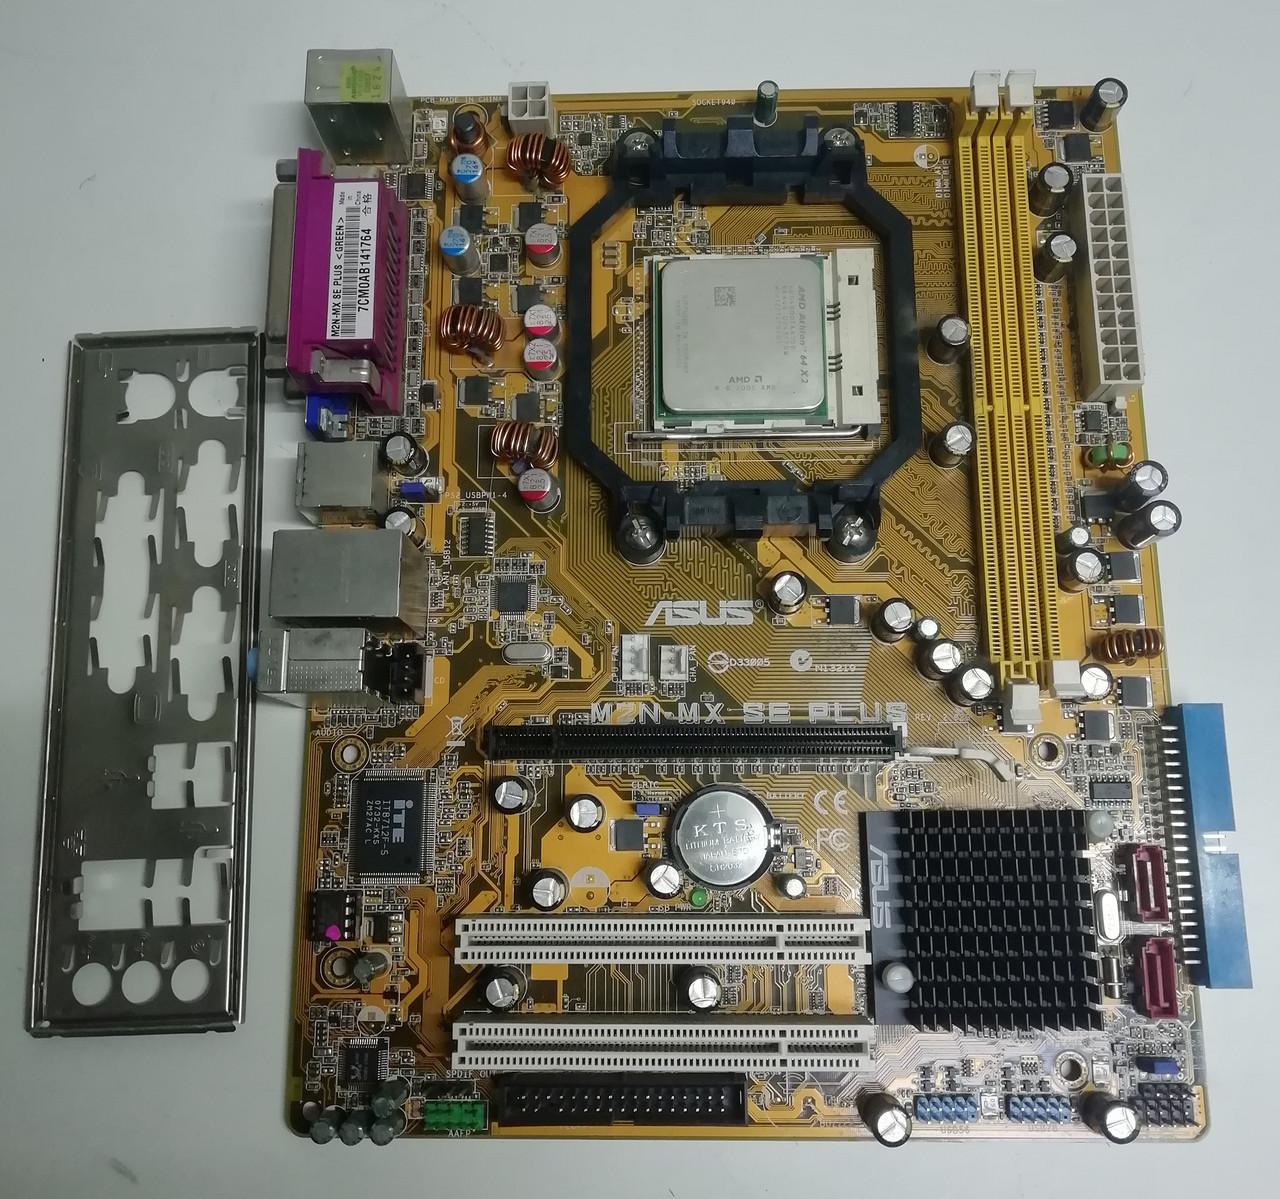 Материнська плата сокет AM2+ Asus M2N-MX вбудоване відео і процесор